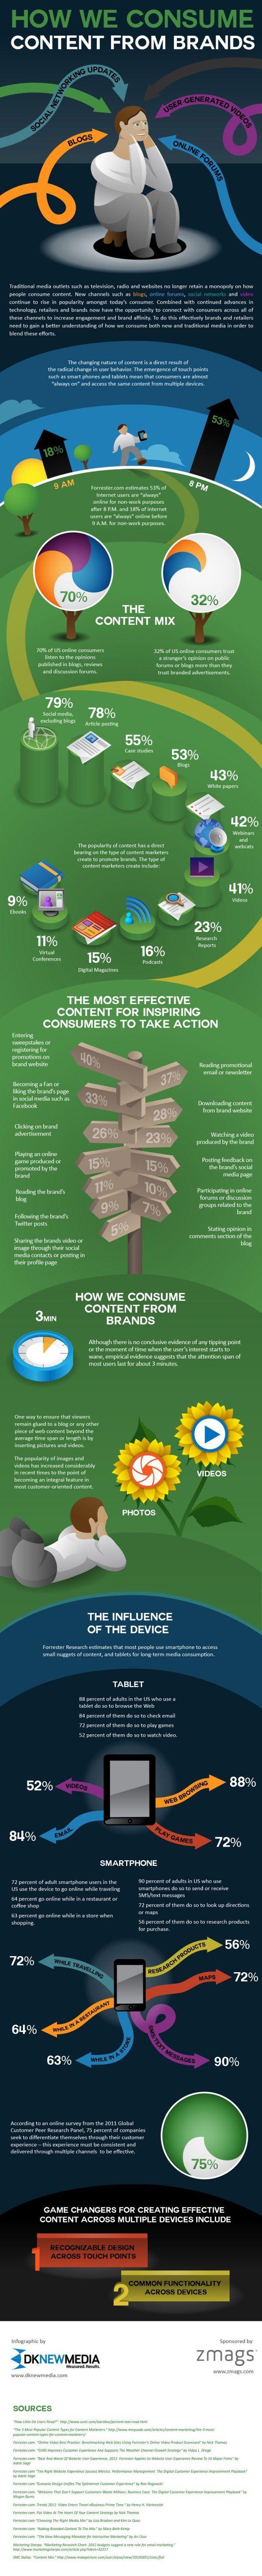 [Infographic] Hoe gebruiken we content van merken?